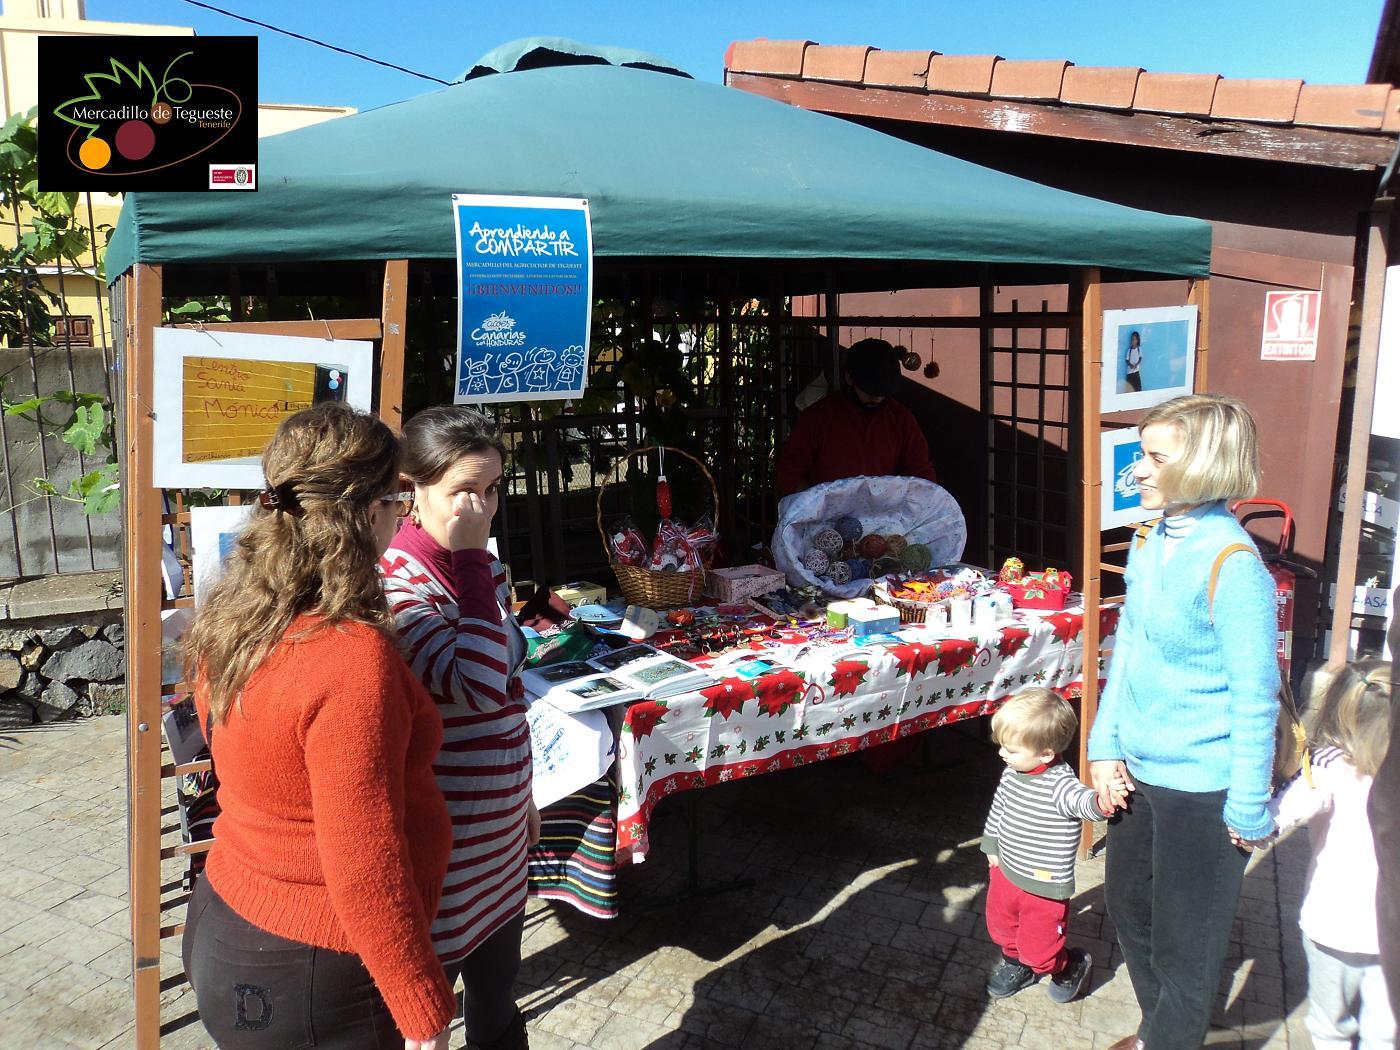 Solidaridad en Mercado del Agricultor de Tegueste